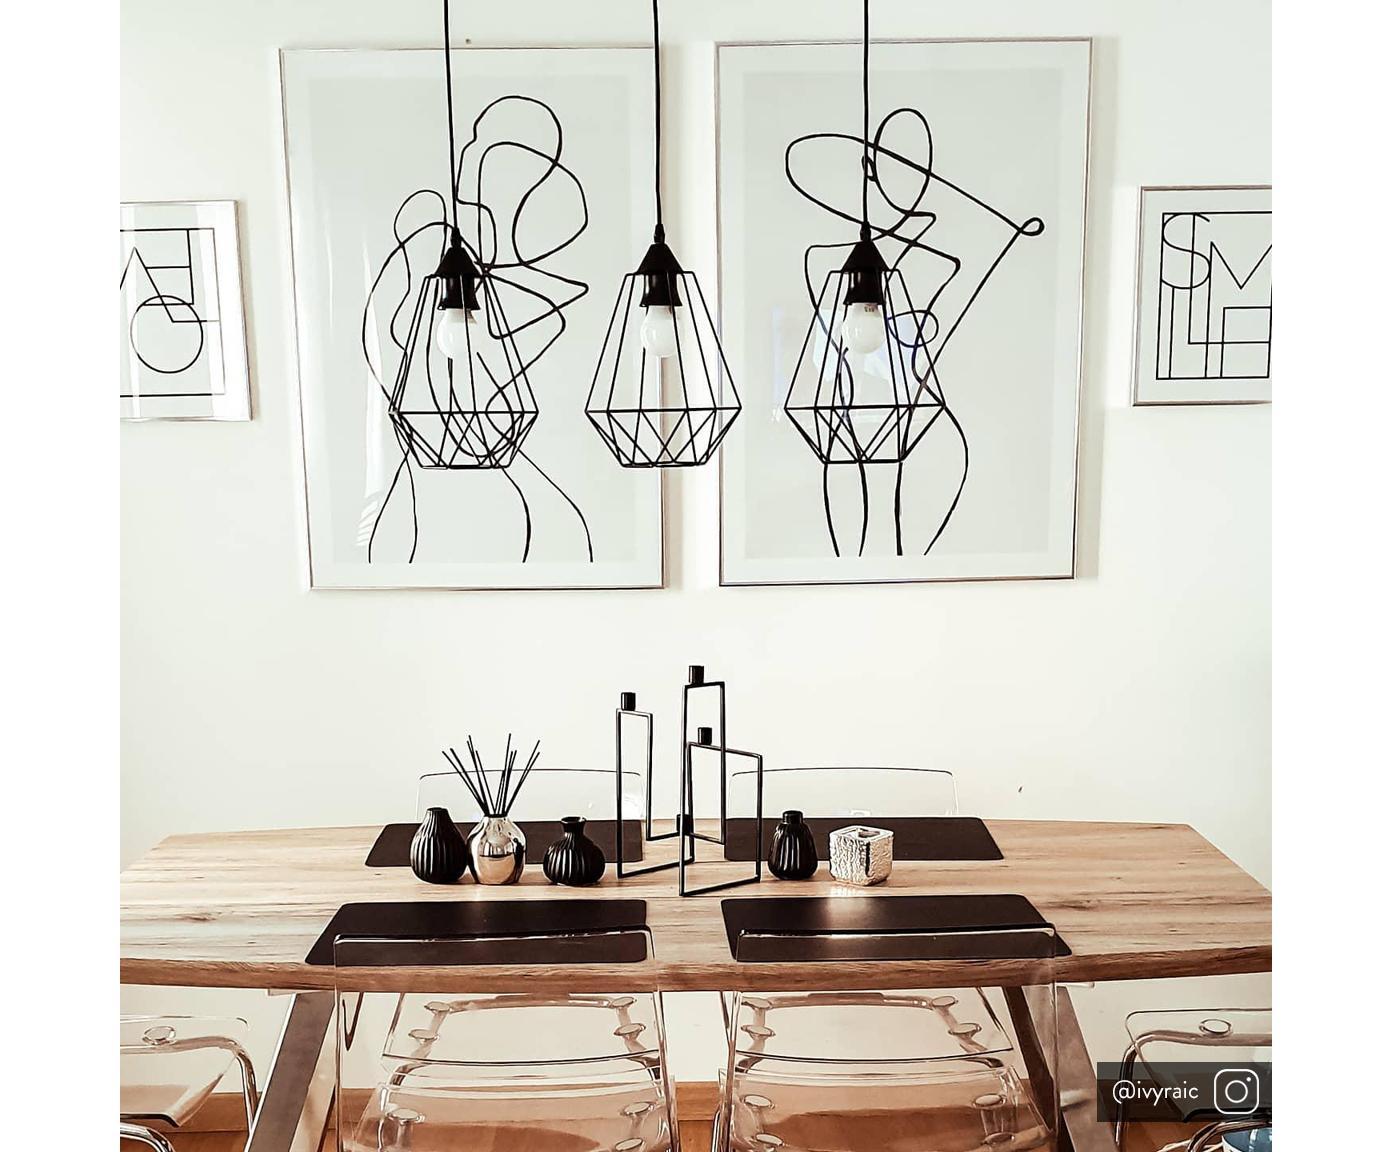 Hanglamp Wire, Baldakijn: metaal, Lampenkap: metaal, Baldakijn: zwart. Lampenkap: zwart. Snoer: zwart, 75 x 25 cm